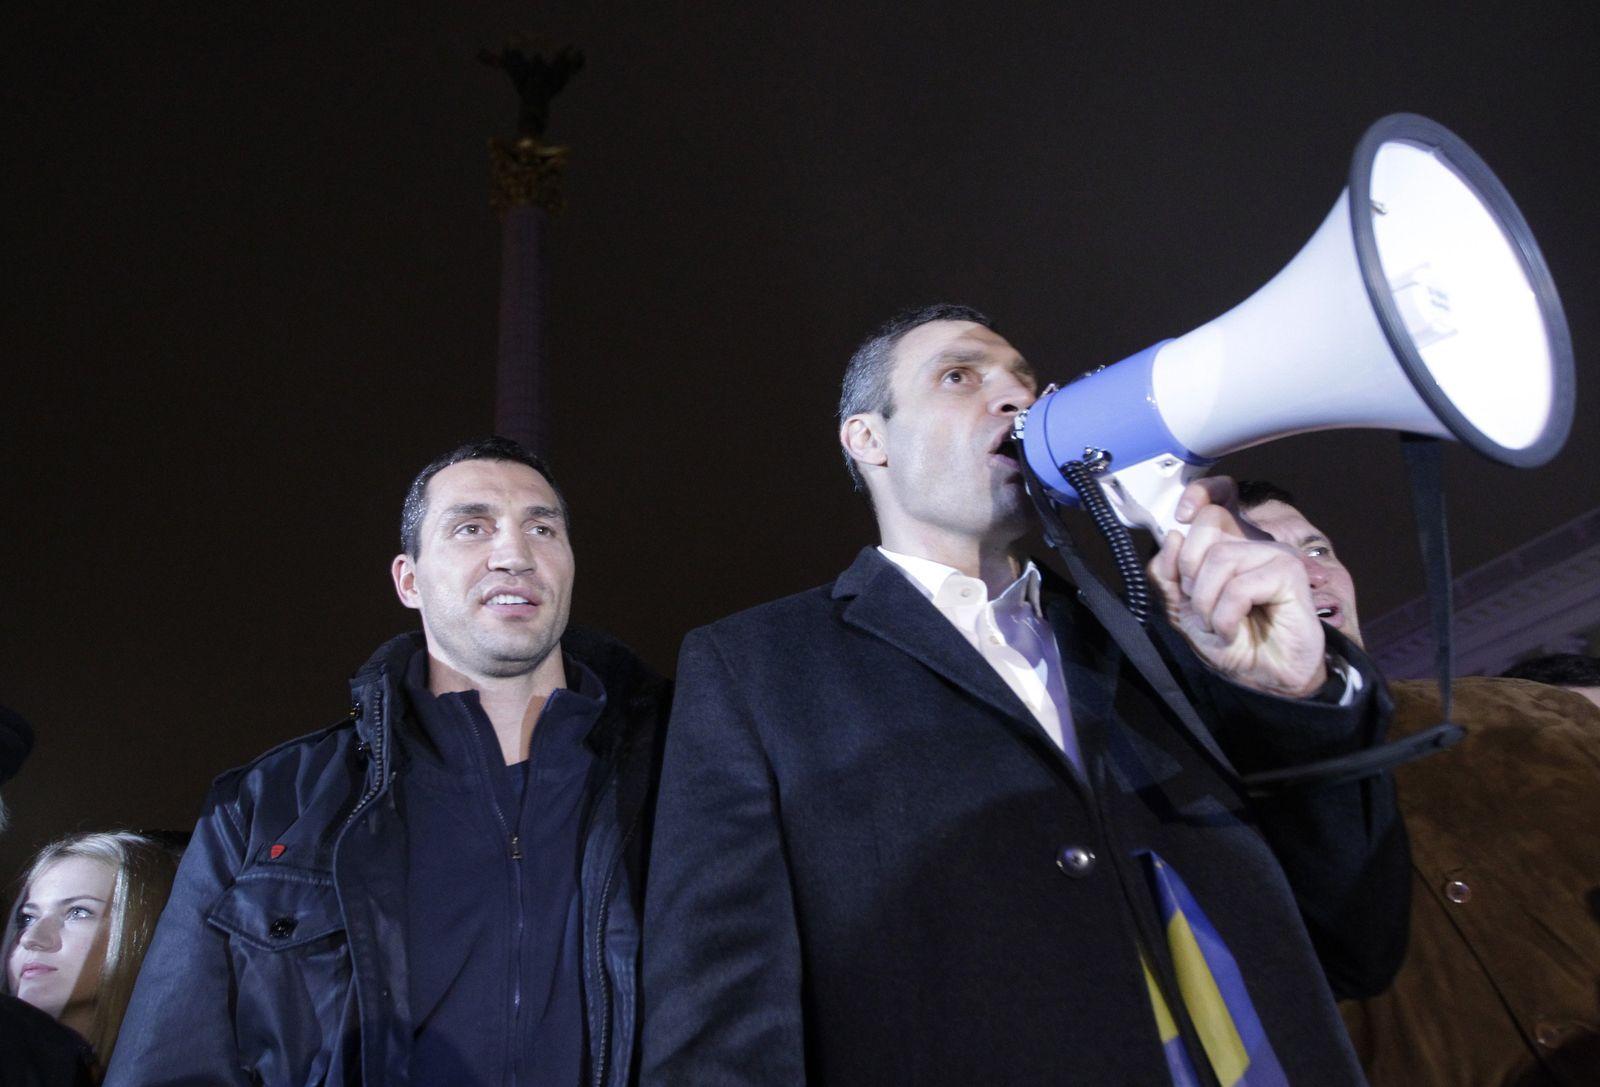 Vitali Klitschko/ Wladimir Klitschko